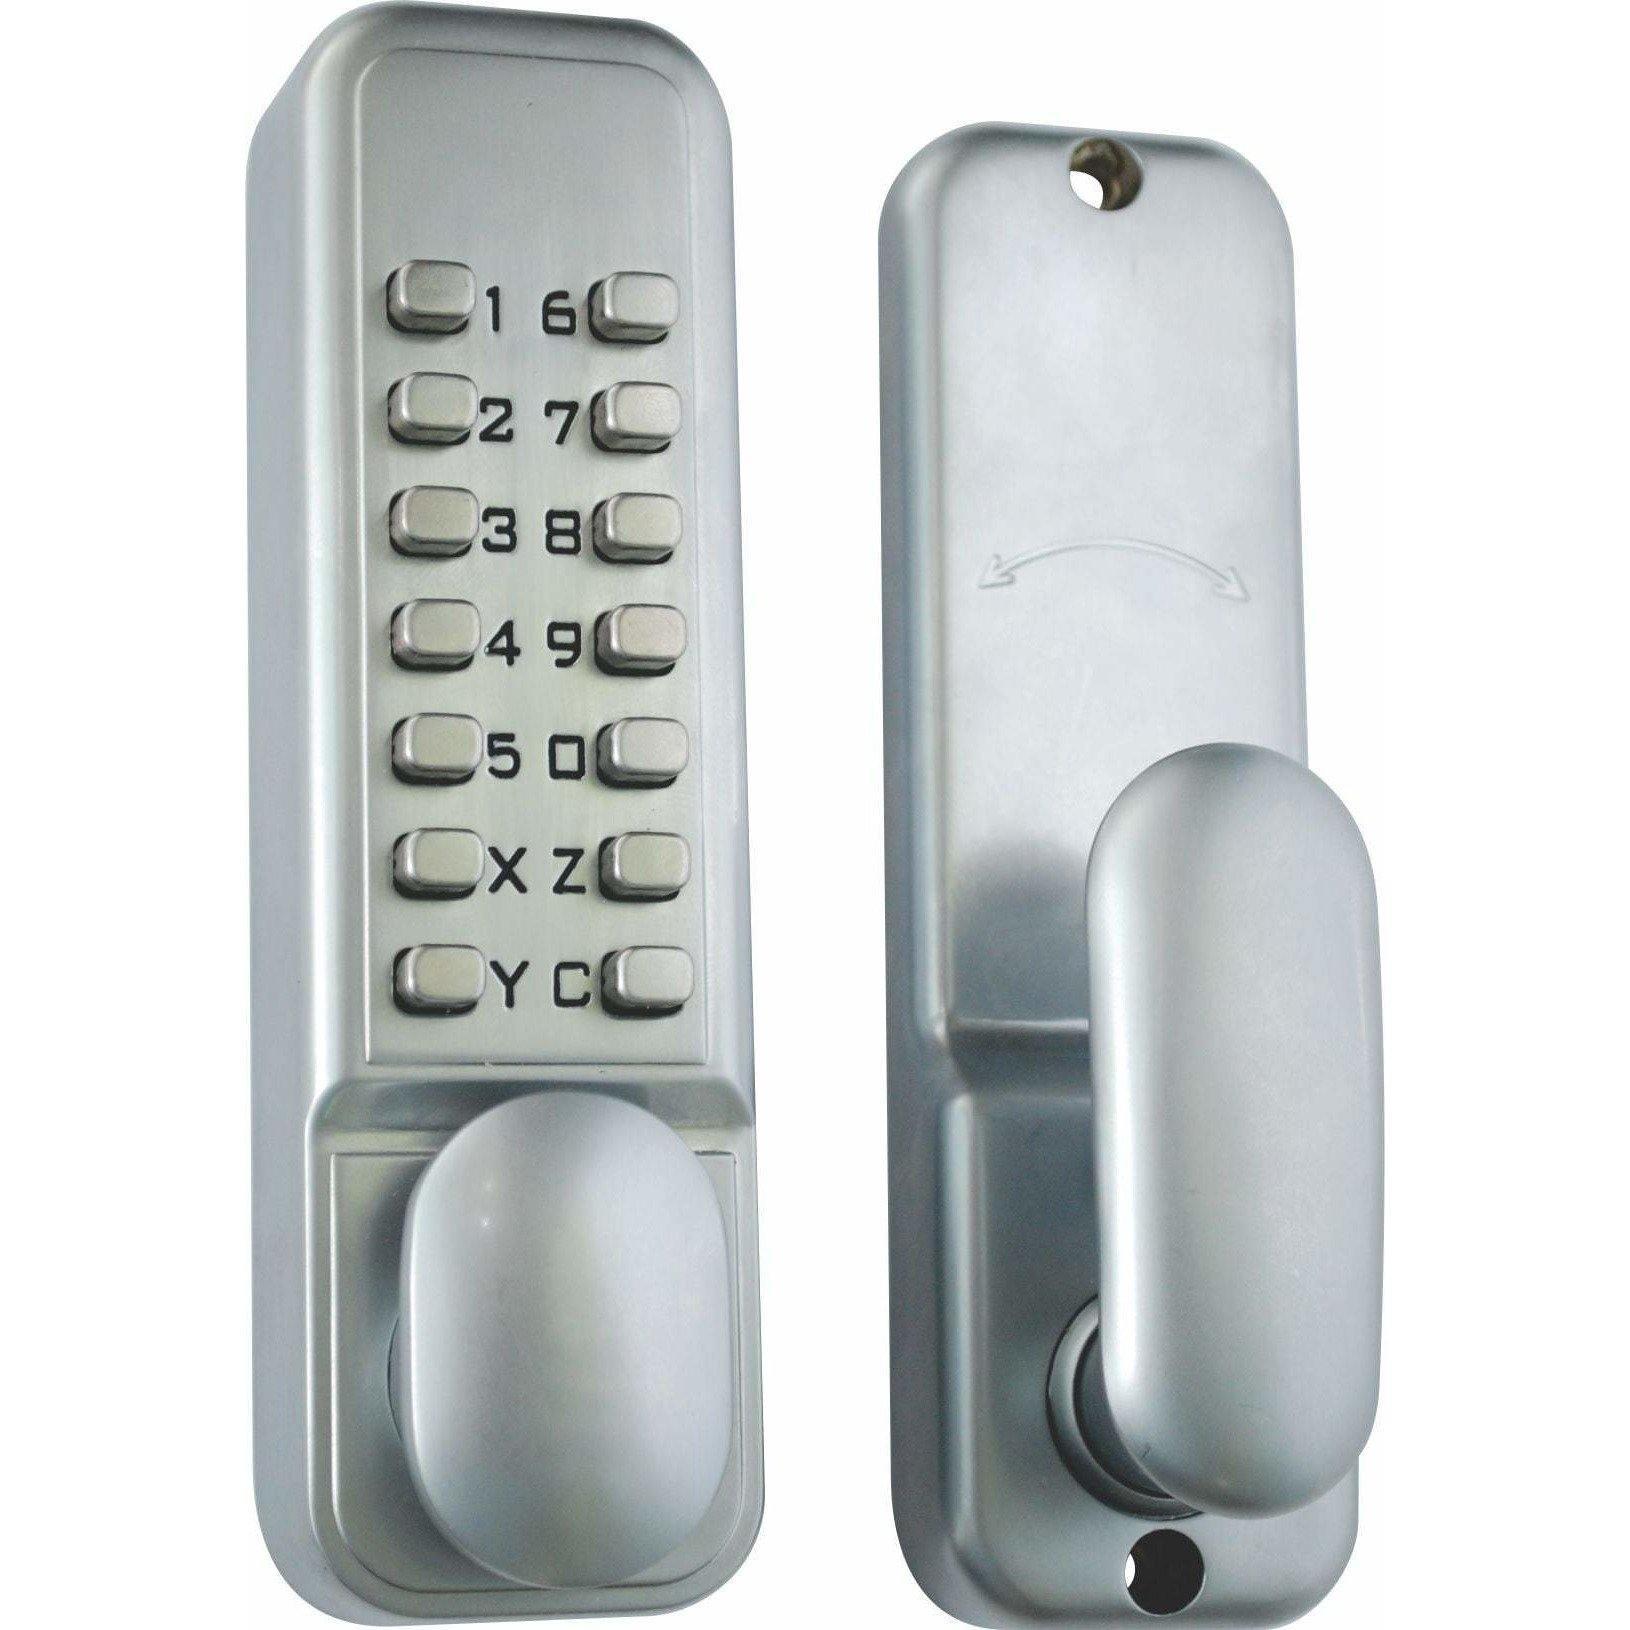 Digital keypad lock